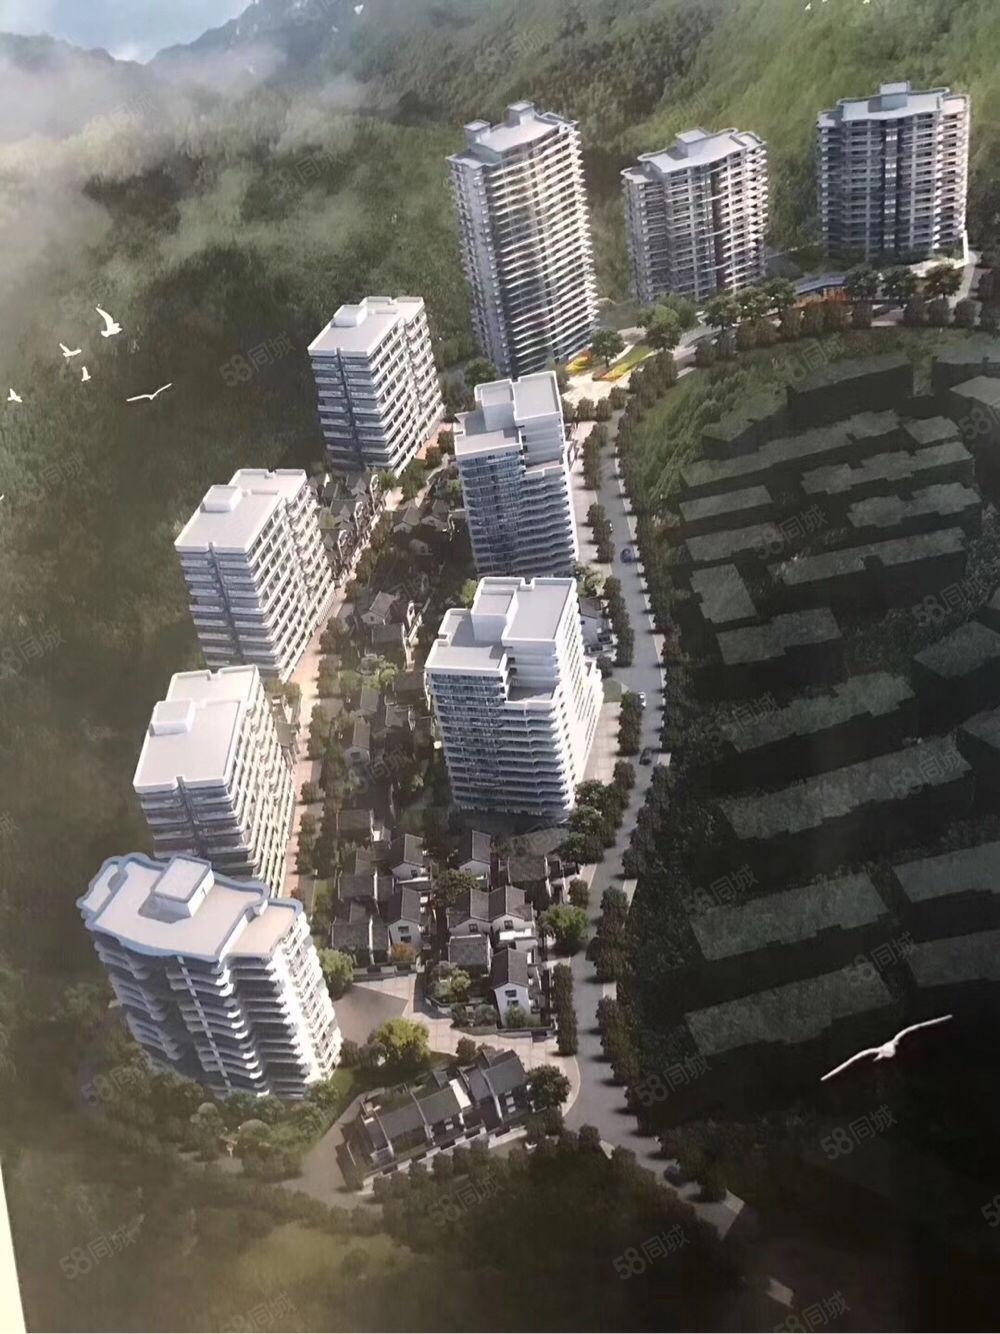 抚仙湖5A级景区住宅,打造国际养生区,